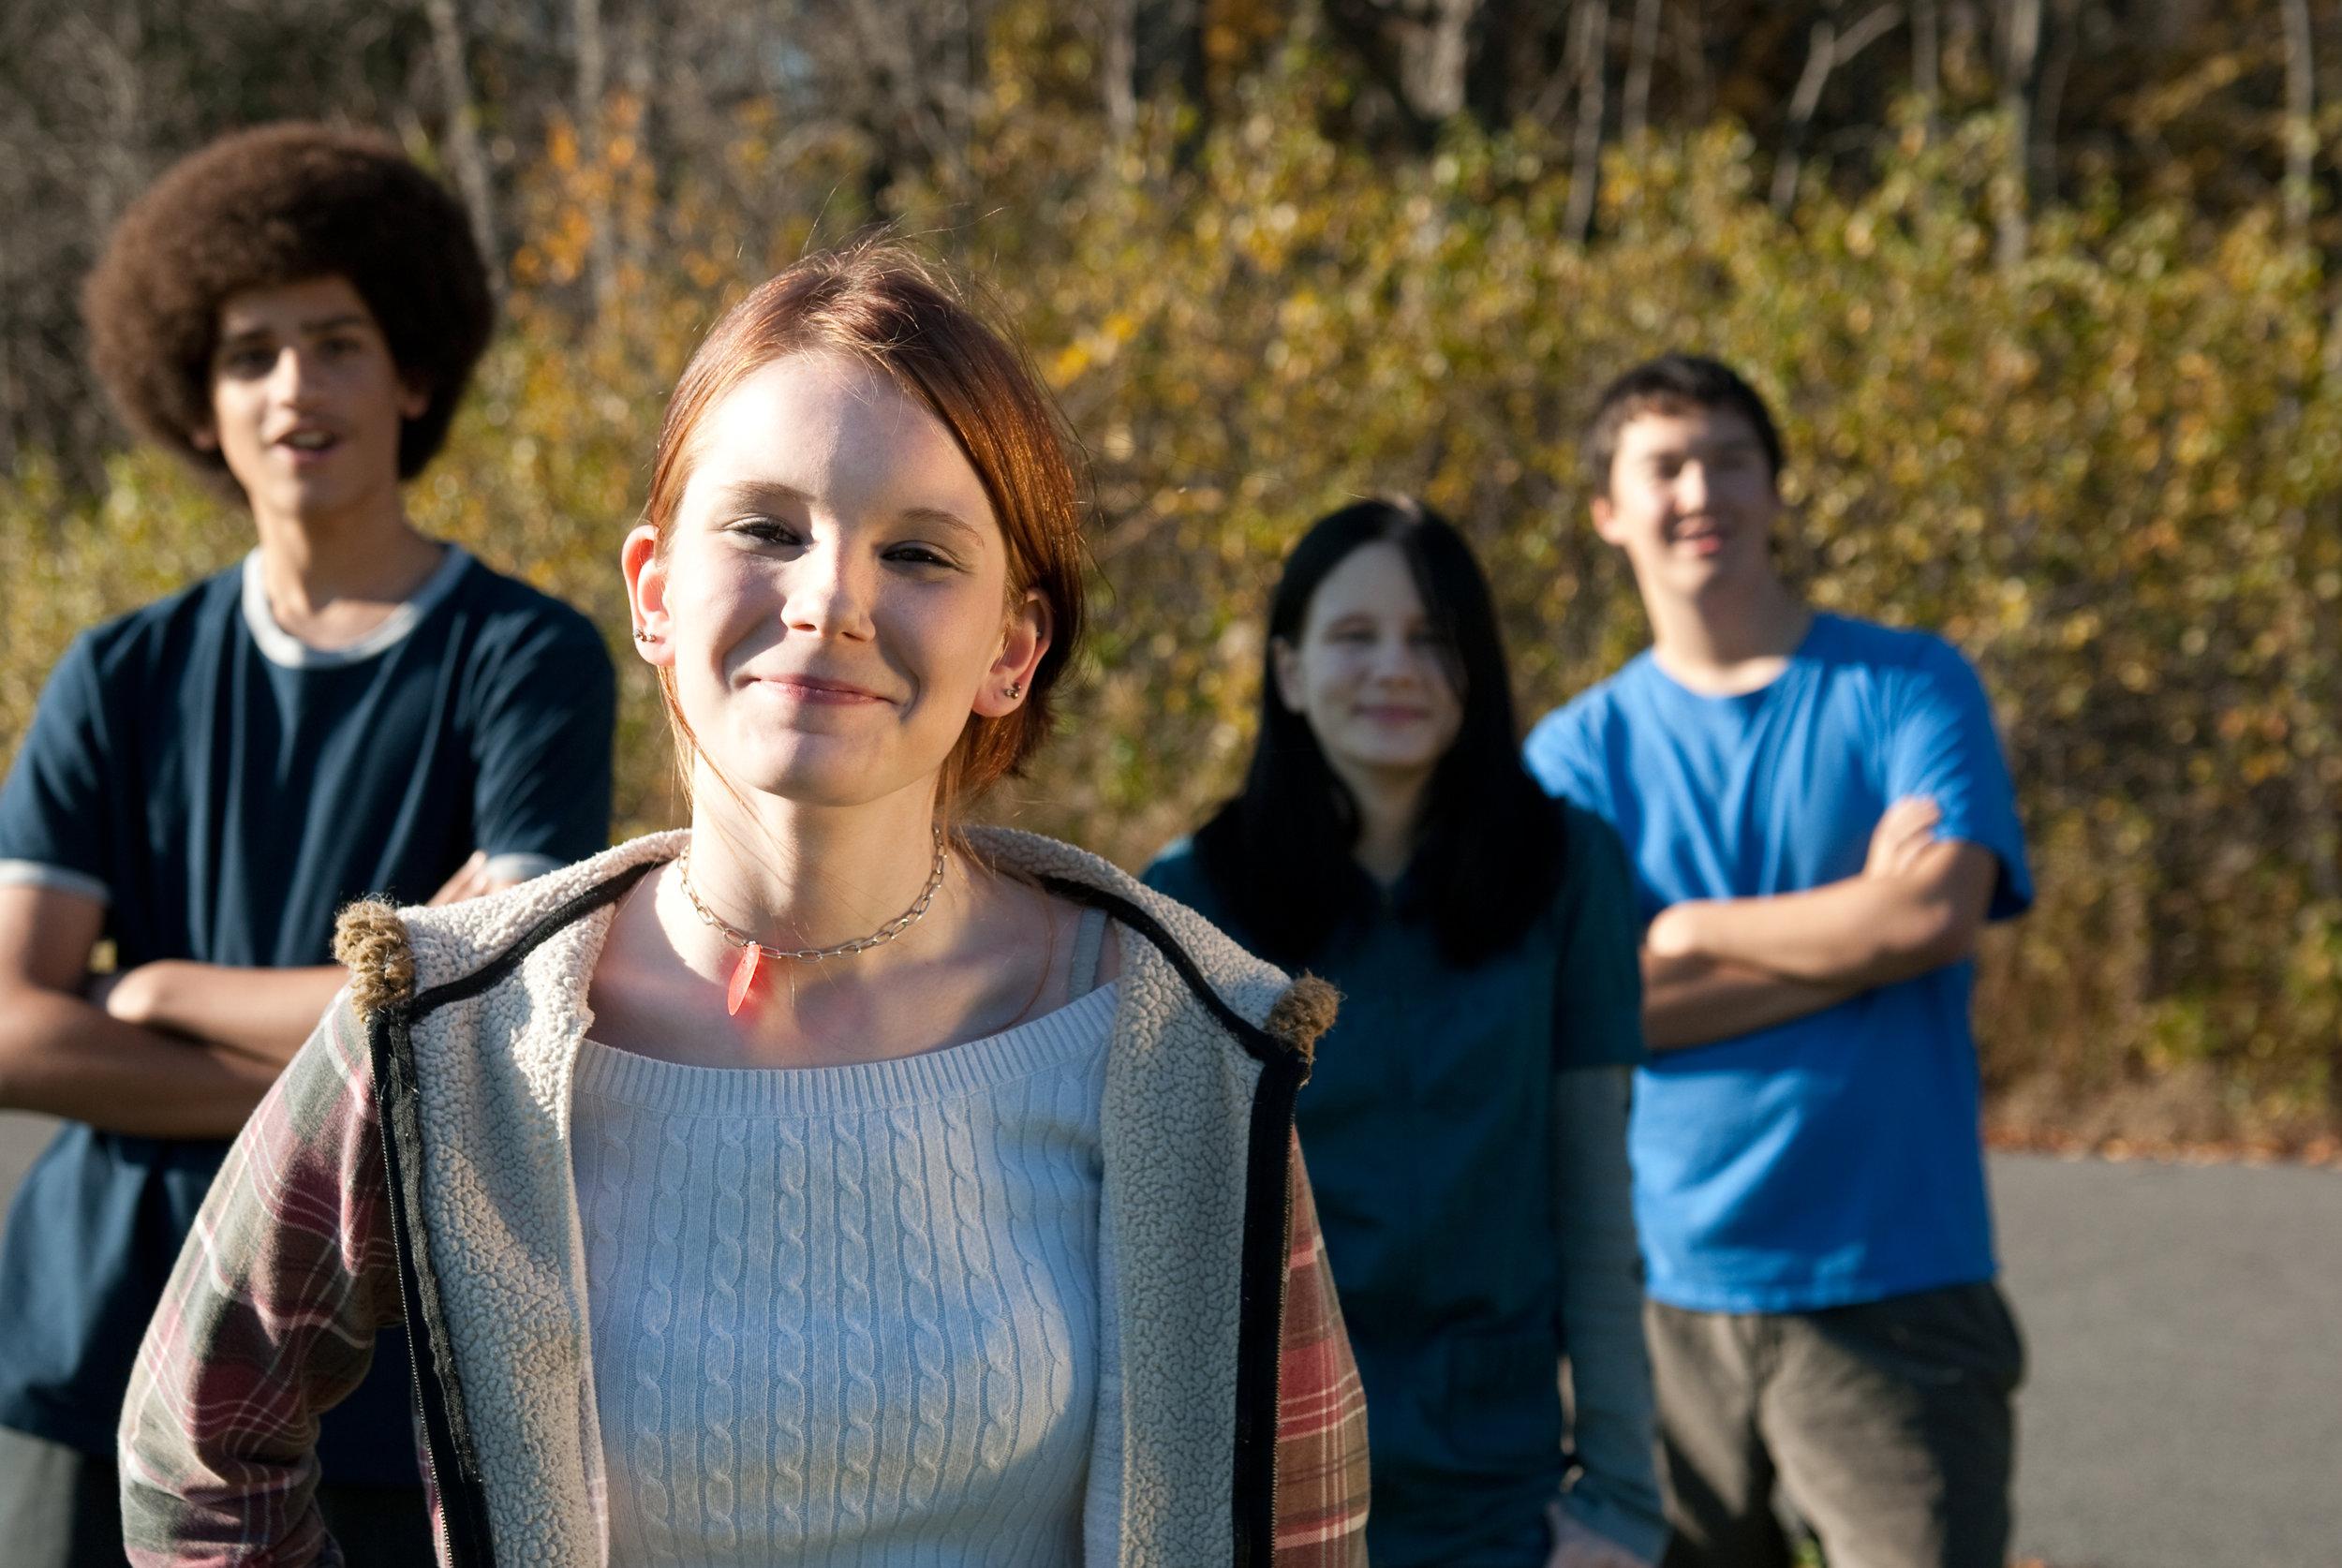 group diverse teens.jpeg